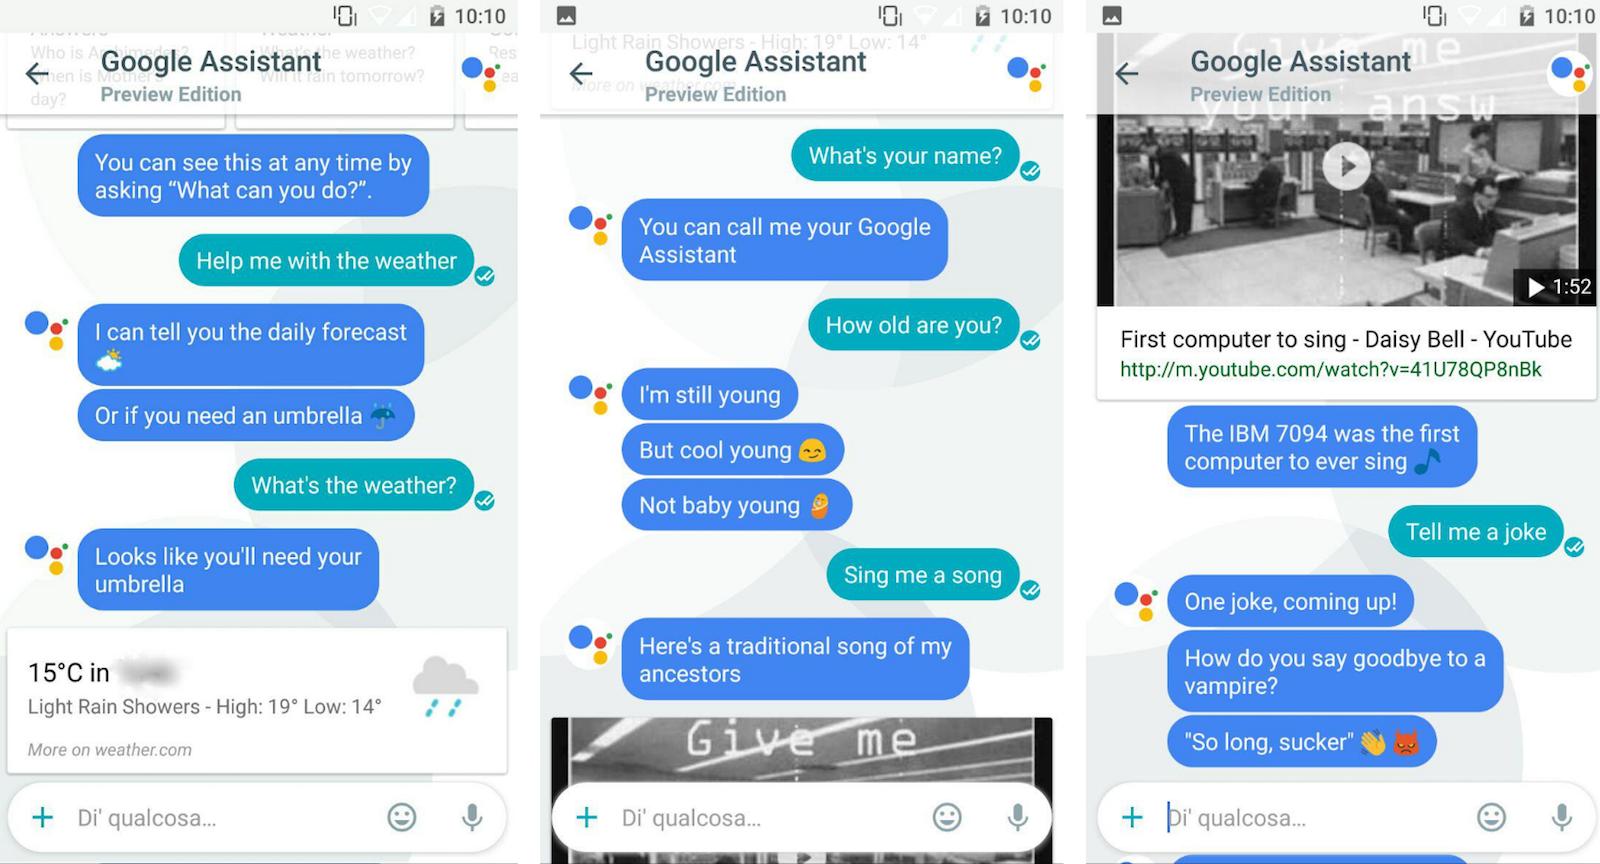 Google Assistant ha il senso dell'umorismo, ecco alcune domande da fargli